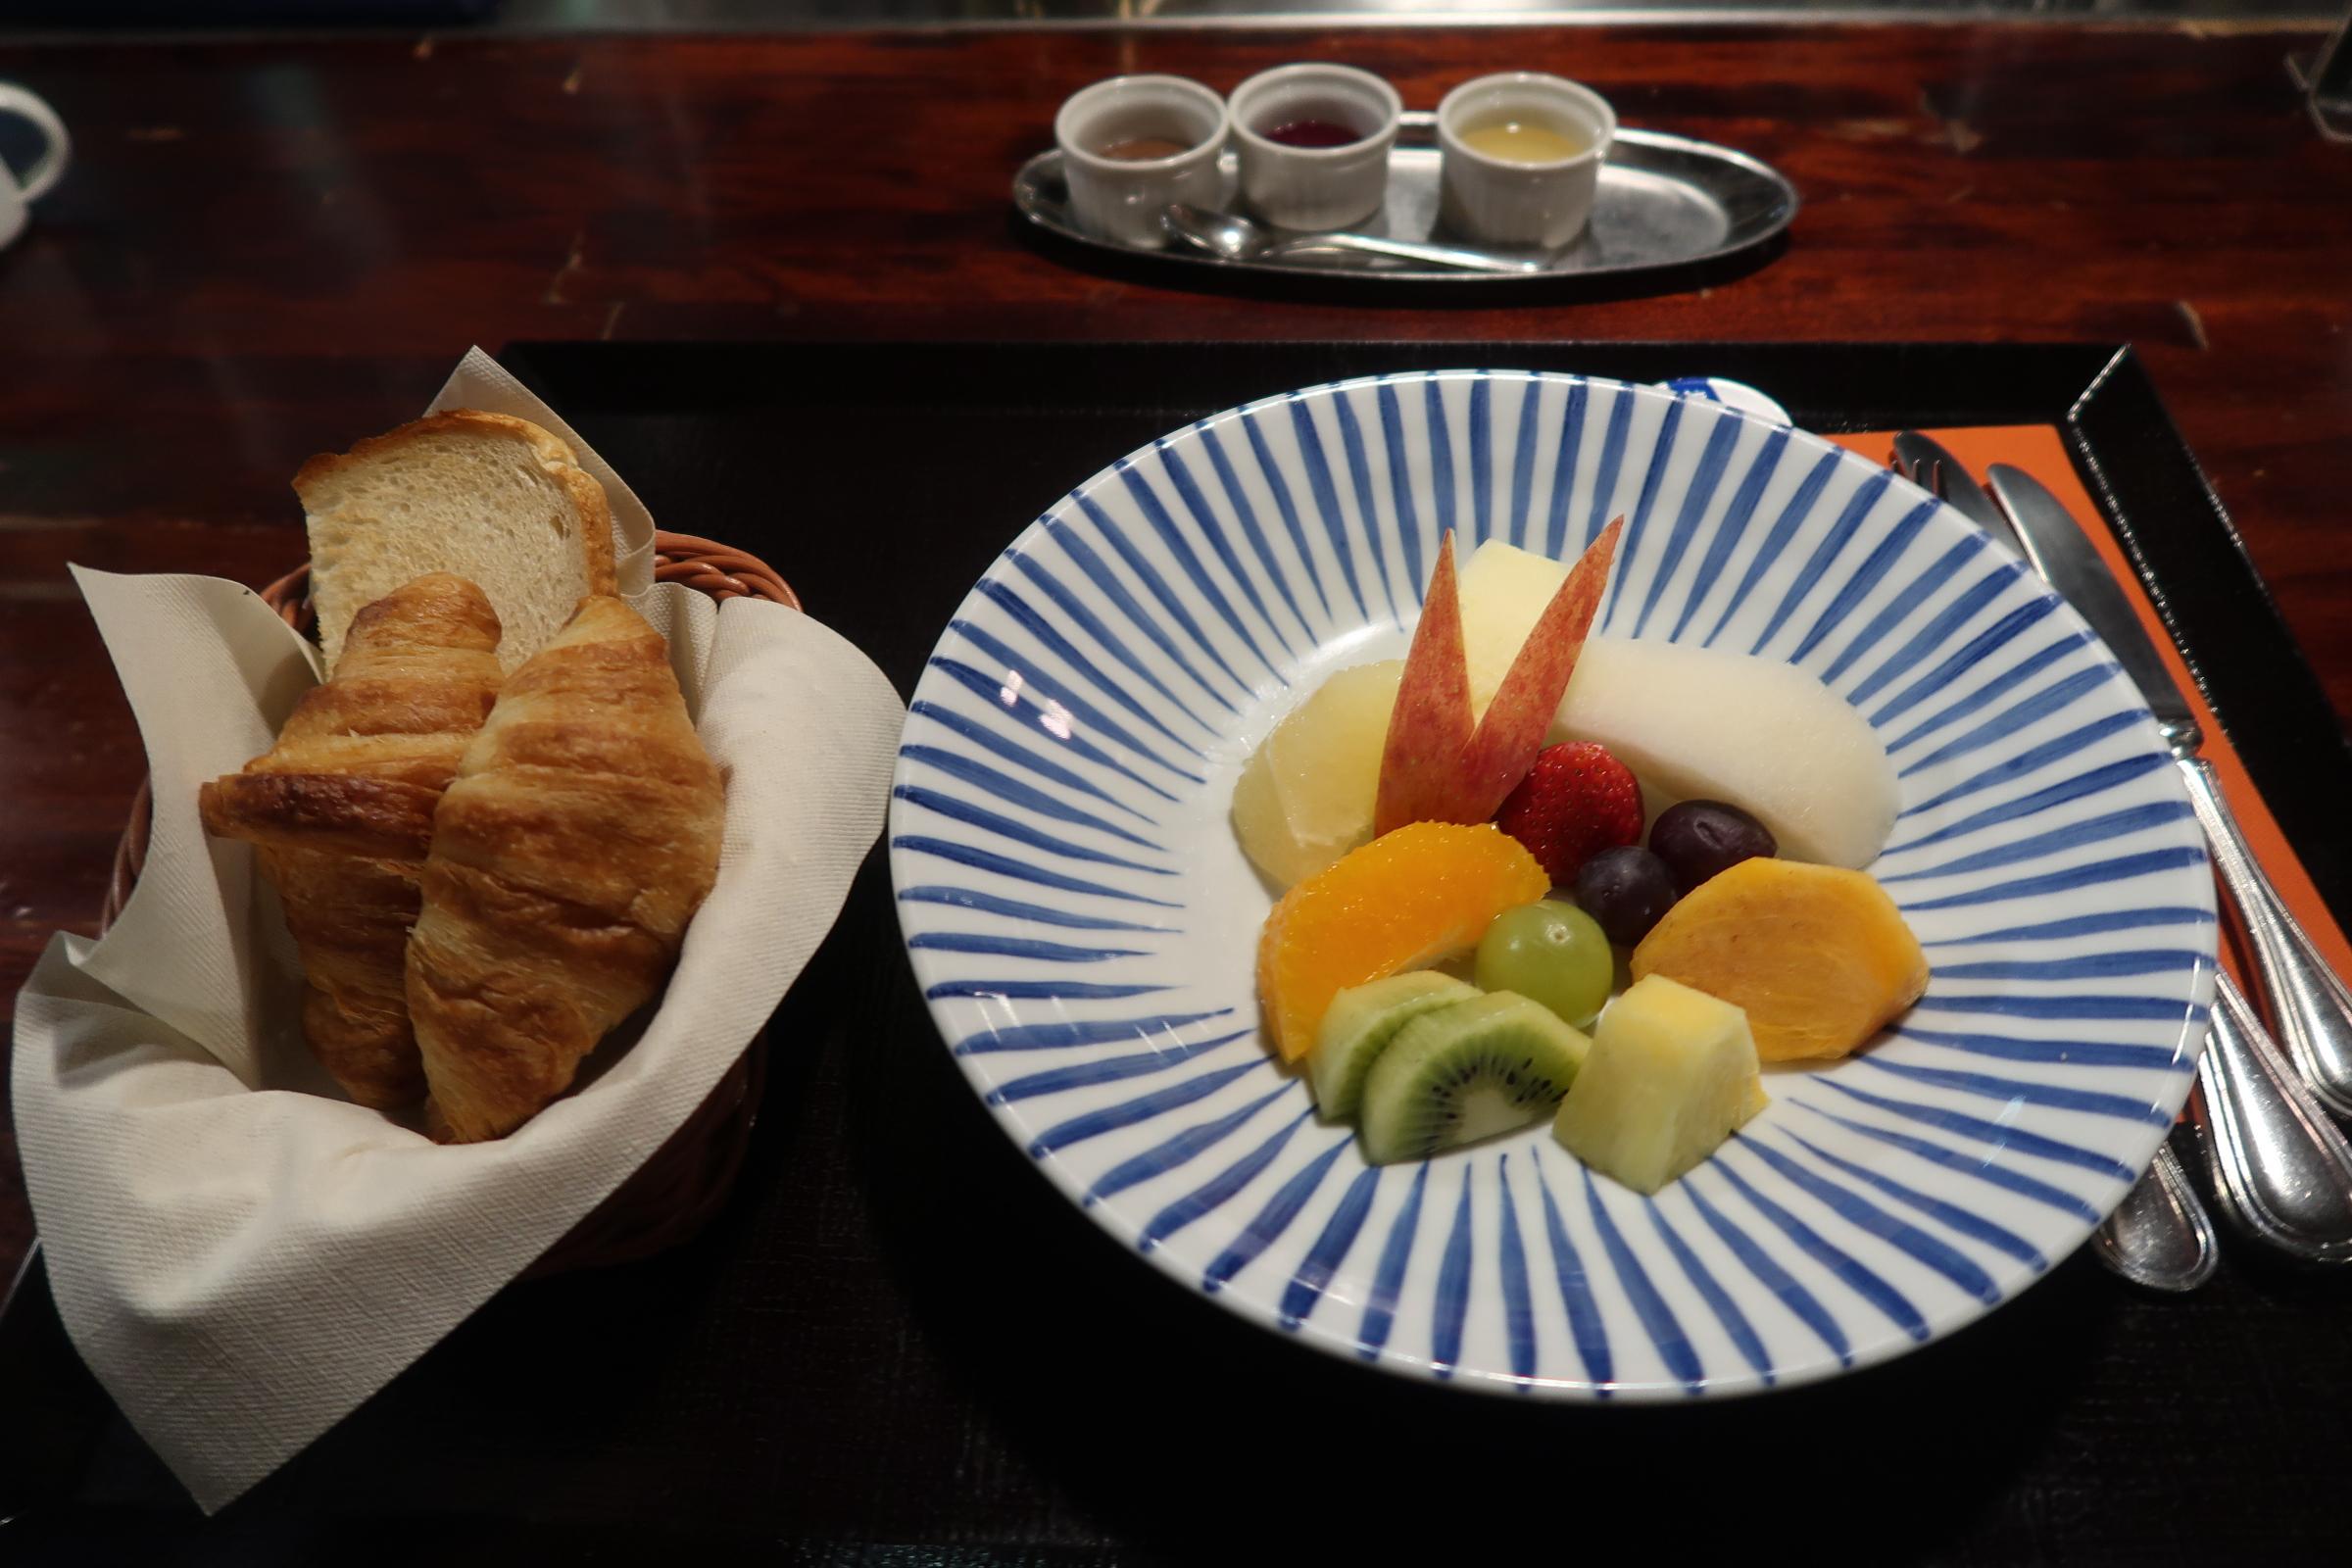 ふく井ホテル 朝食 コンチネンタル